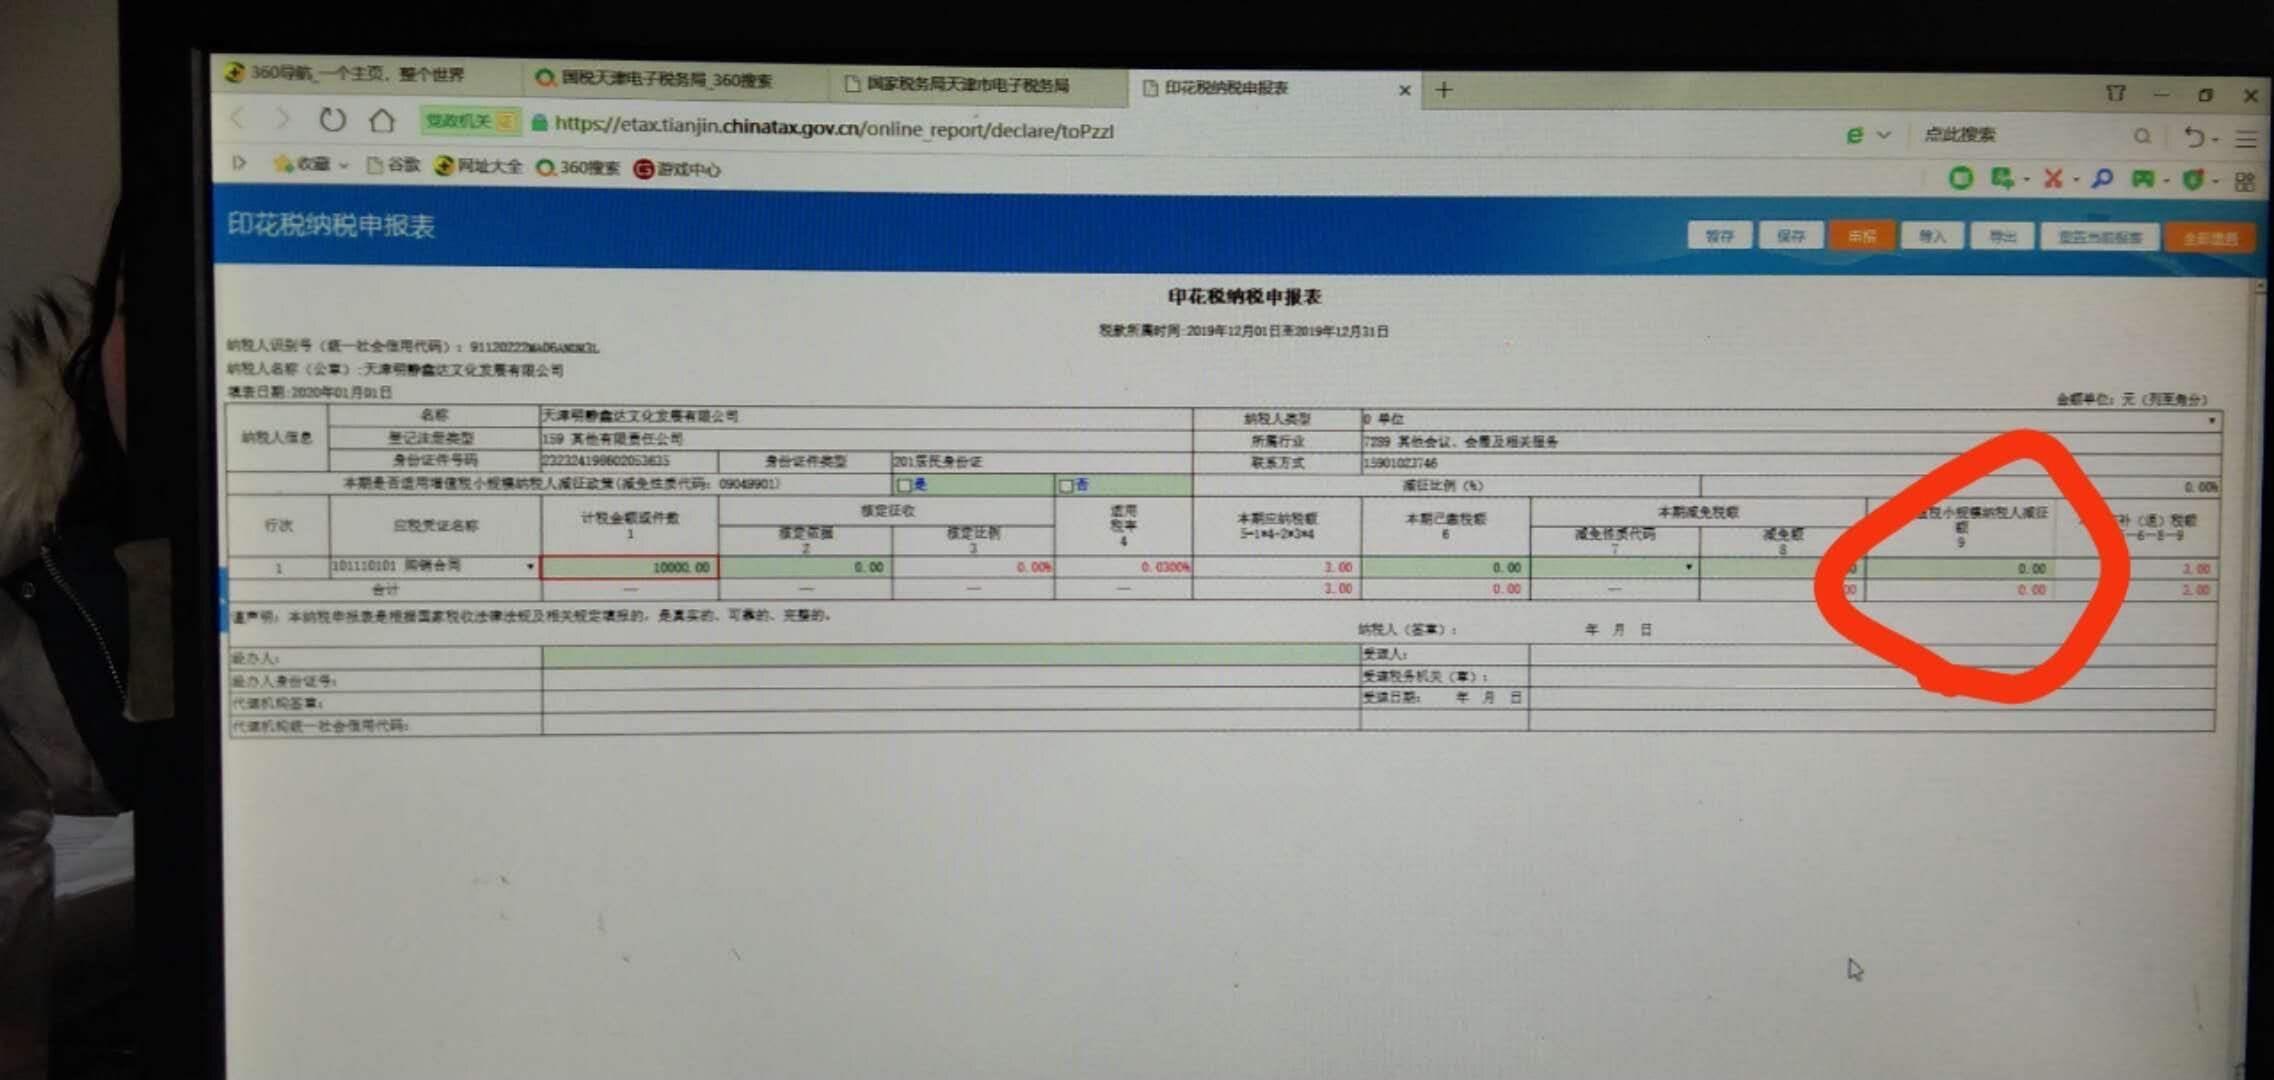 我想问,天津电子税务局报税,印花税,不自动减免怎么弄啊。这个是手动输的吗